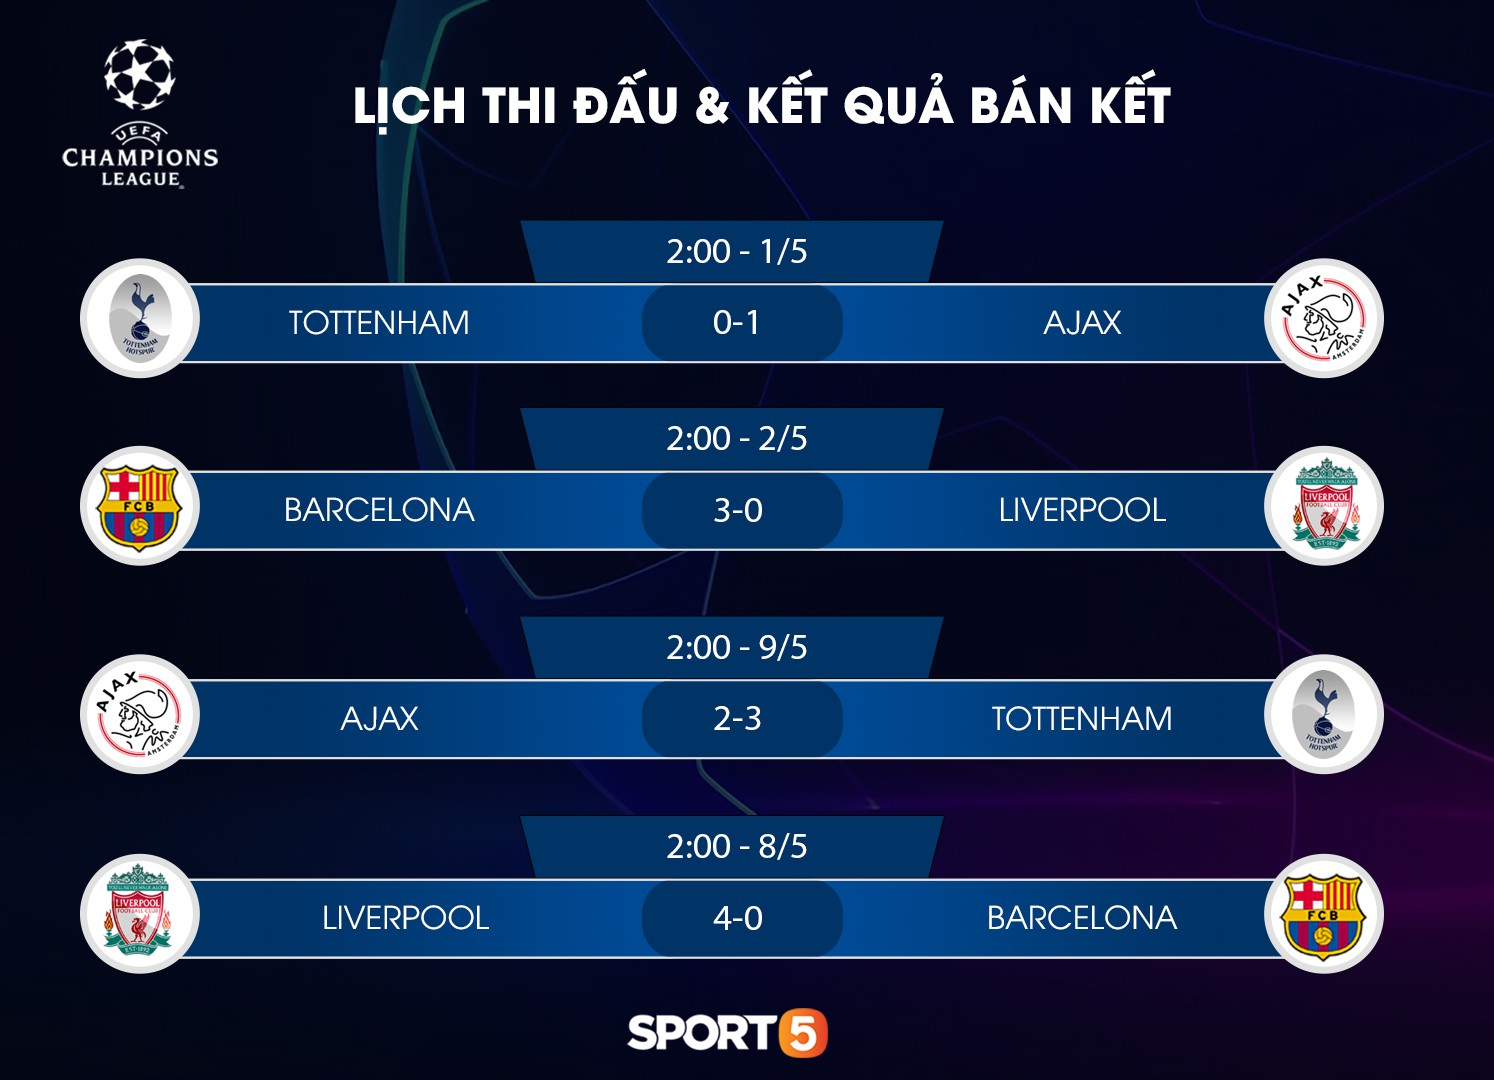 Lịch thi đấu chung kết Champions League 2019, nhanh tay save lại để không bỏ lỡ trận đấu bóng đá hay nhất năm nay - Ảnh 3.